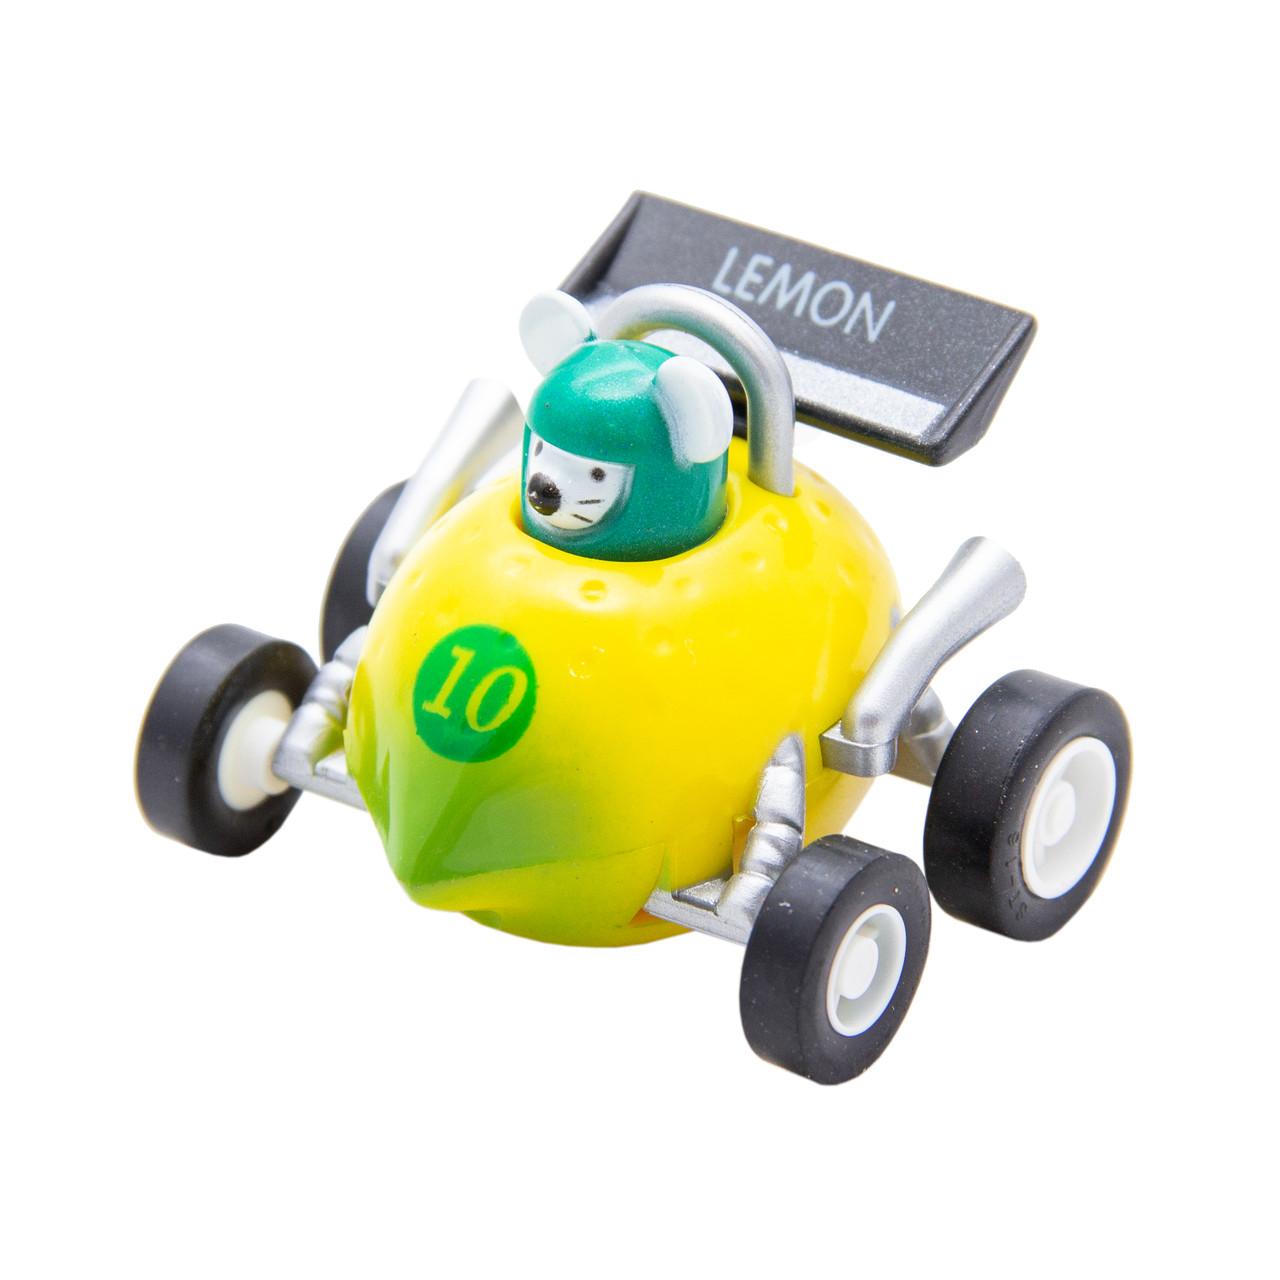 Игрушка инерционная - мышонок-гонщик Aohua, машинка в форме лимона, 4,5 см, пластик (MR-12C-1)